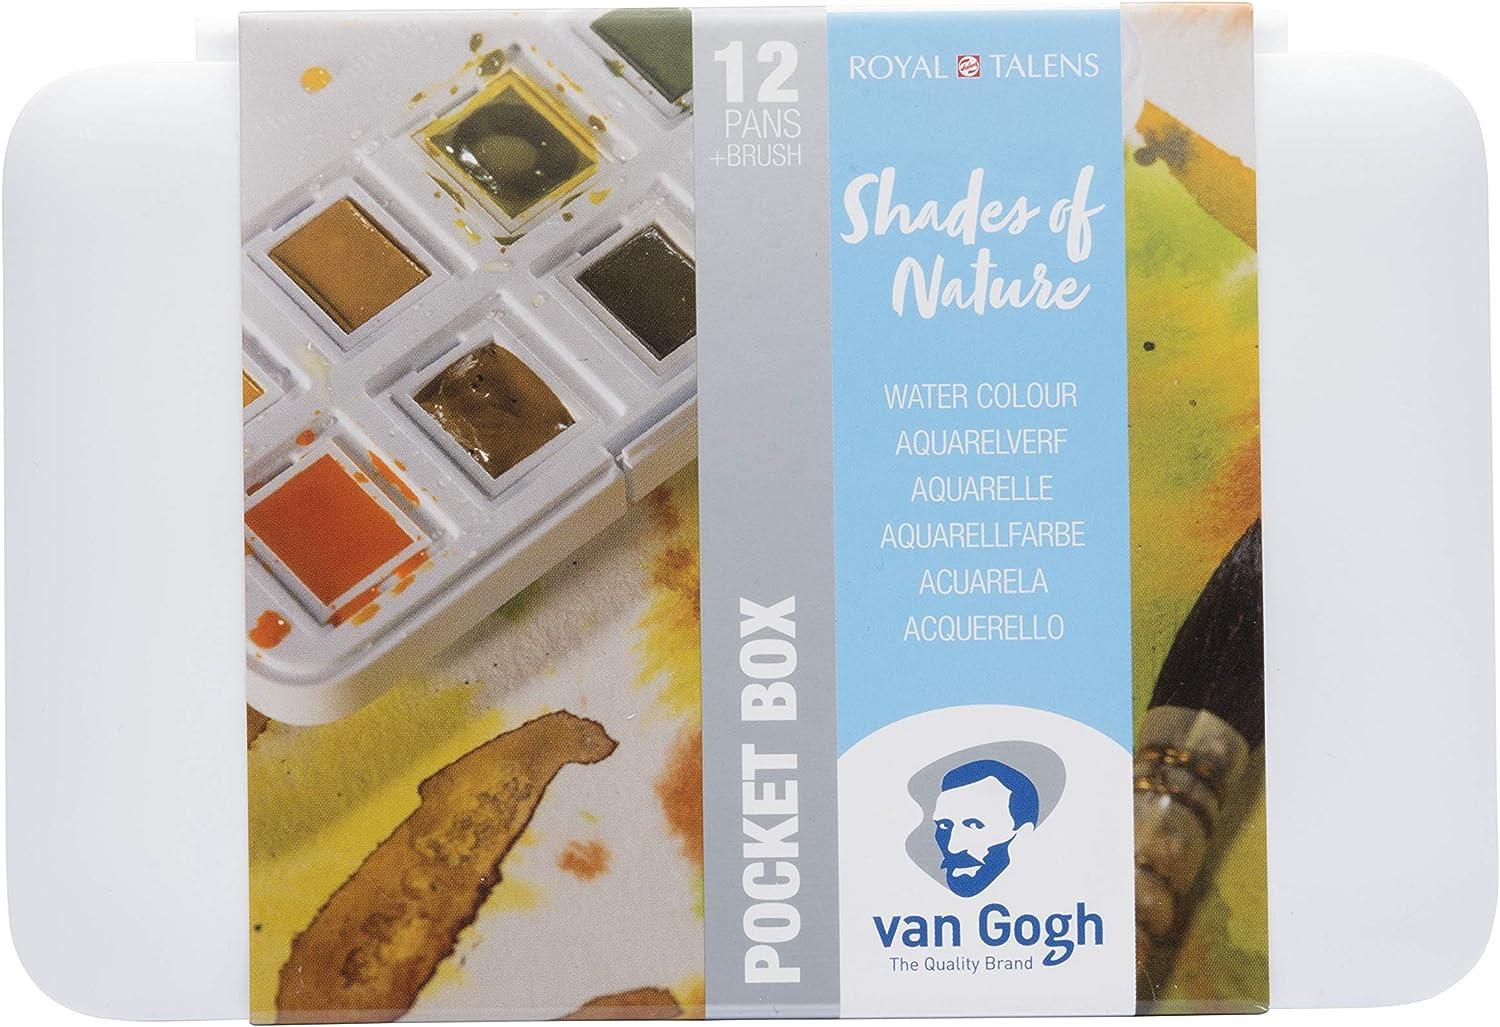 Van Gogh Watercolor Paint Set, Plastic Pocketbox, 12-Half Pan Shades of Nature Selection